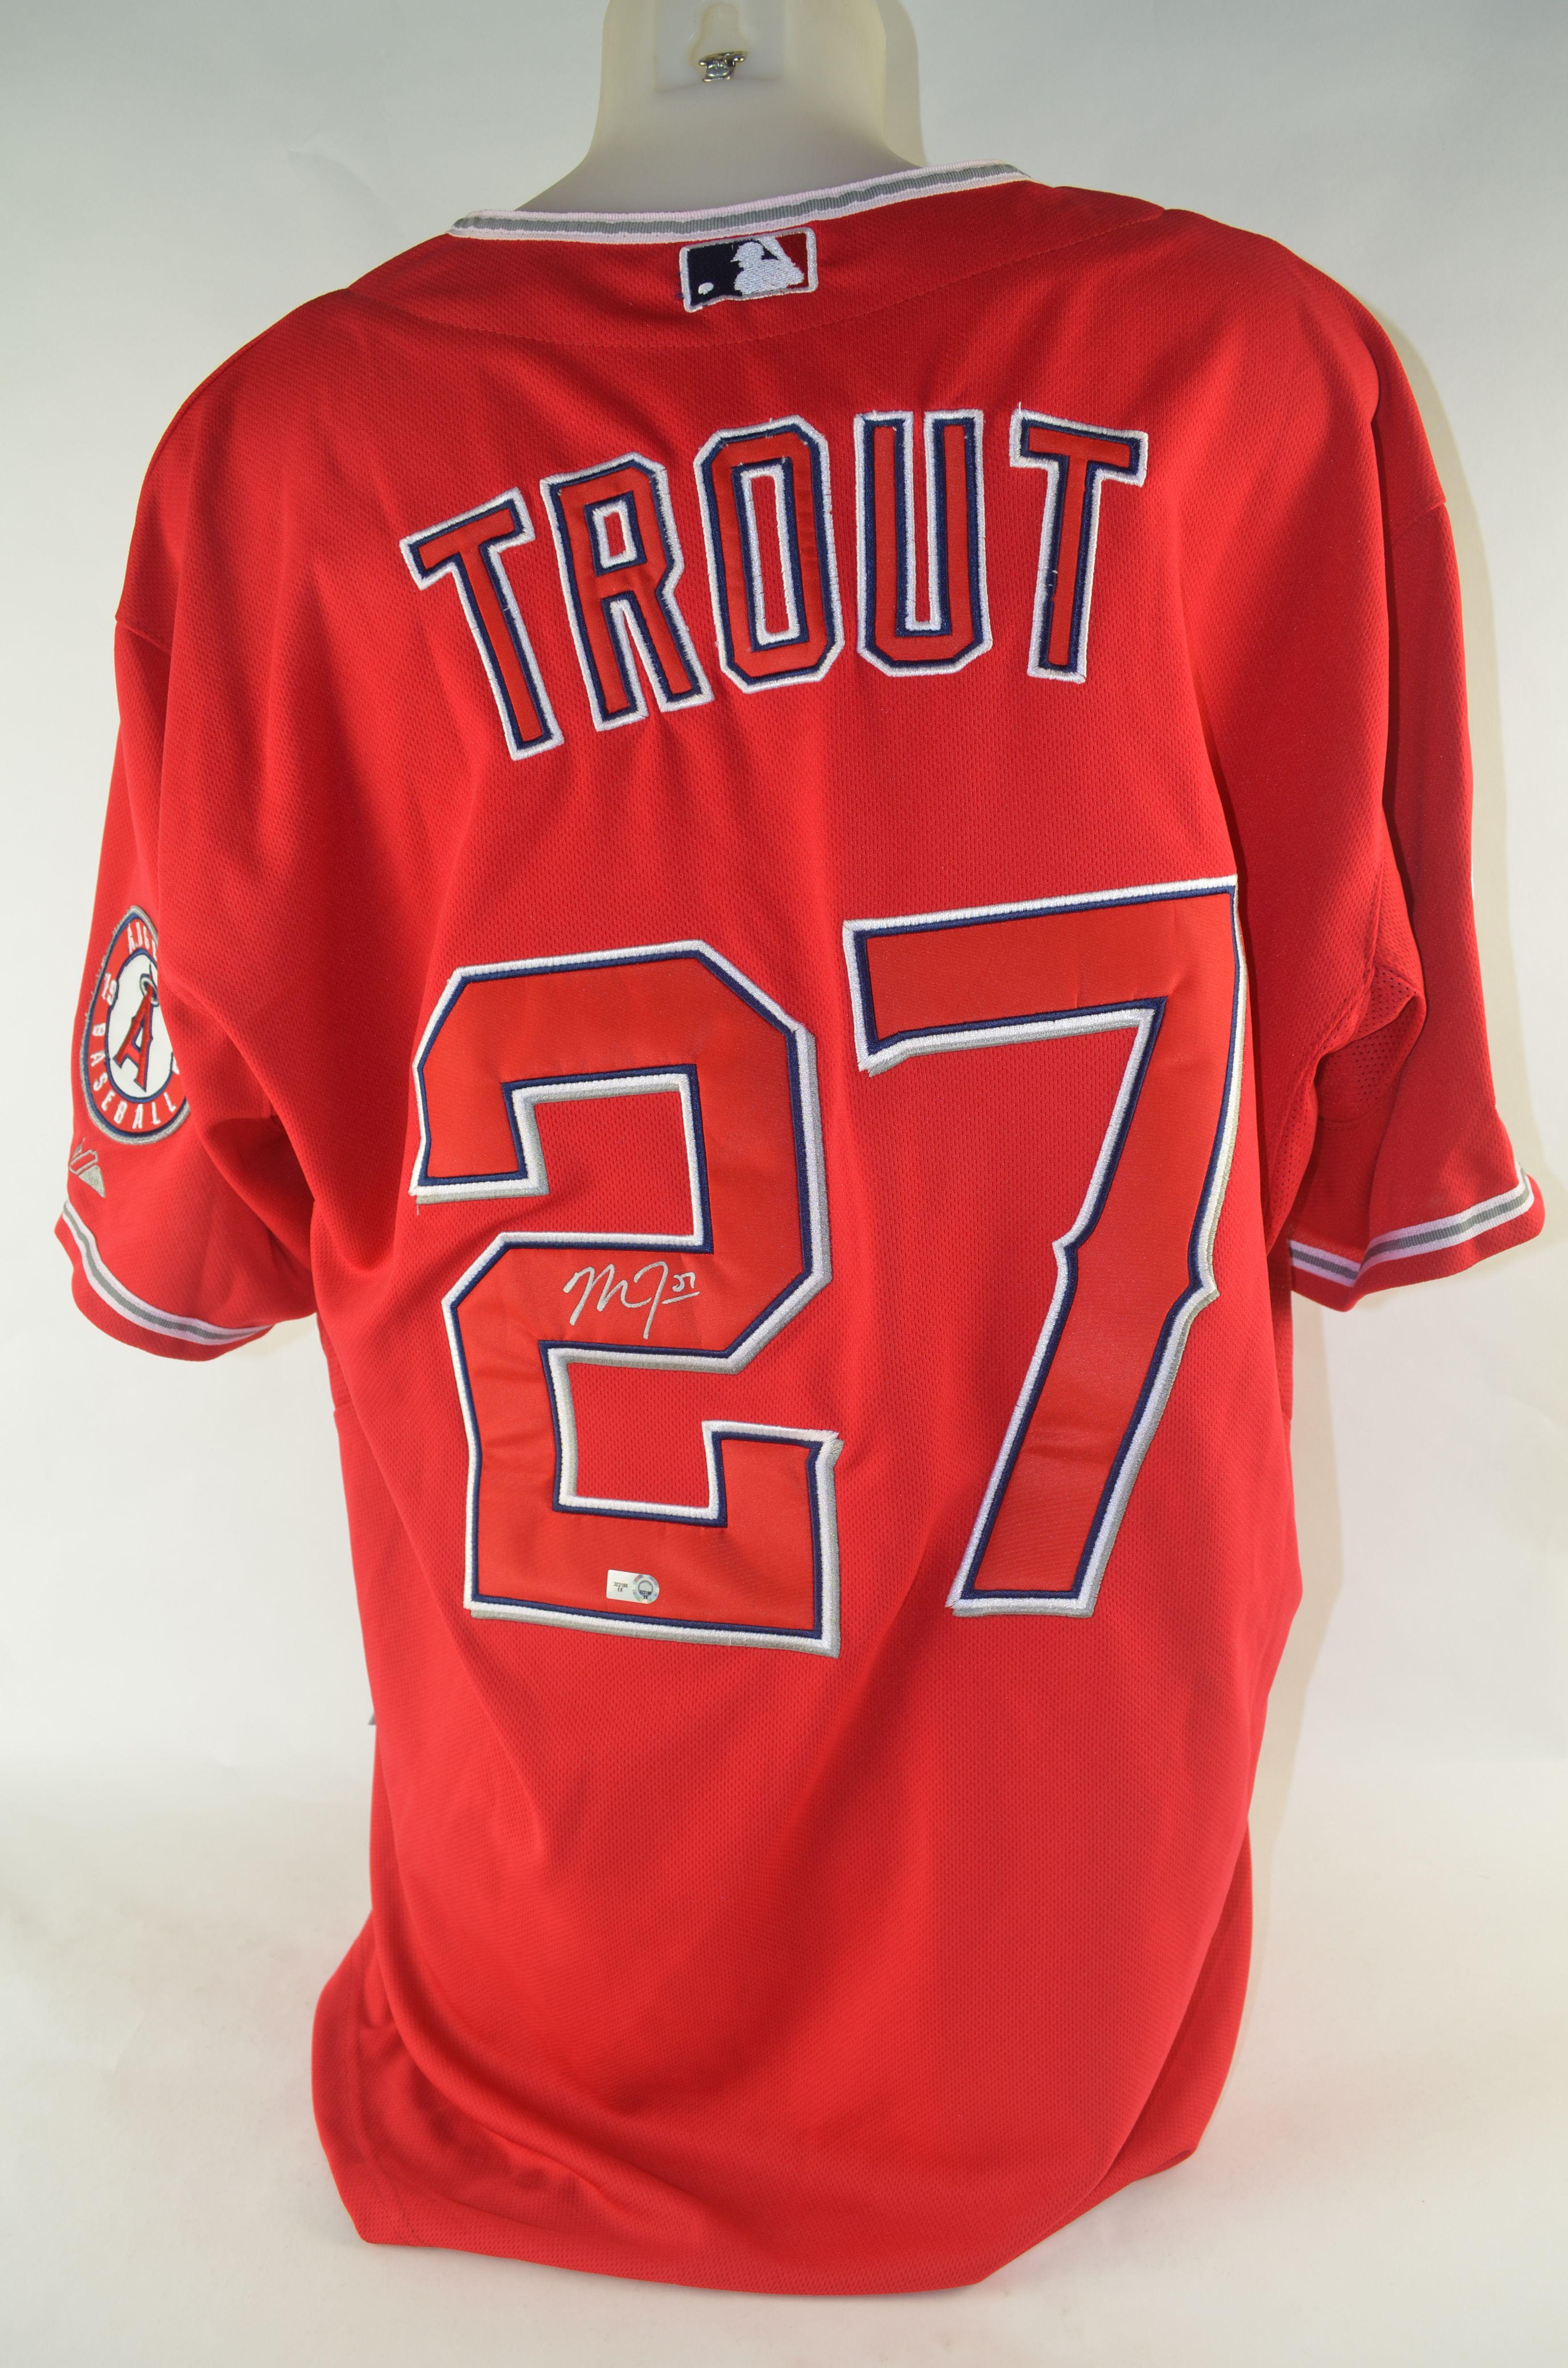 buy popular de38a 79056 Lot Detail - Mike Trout Autographed Jersey